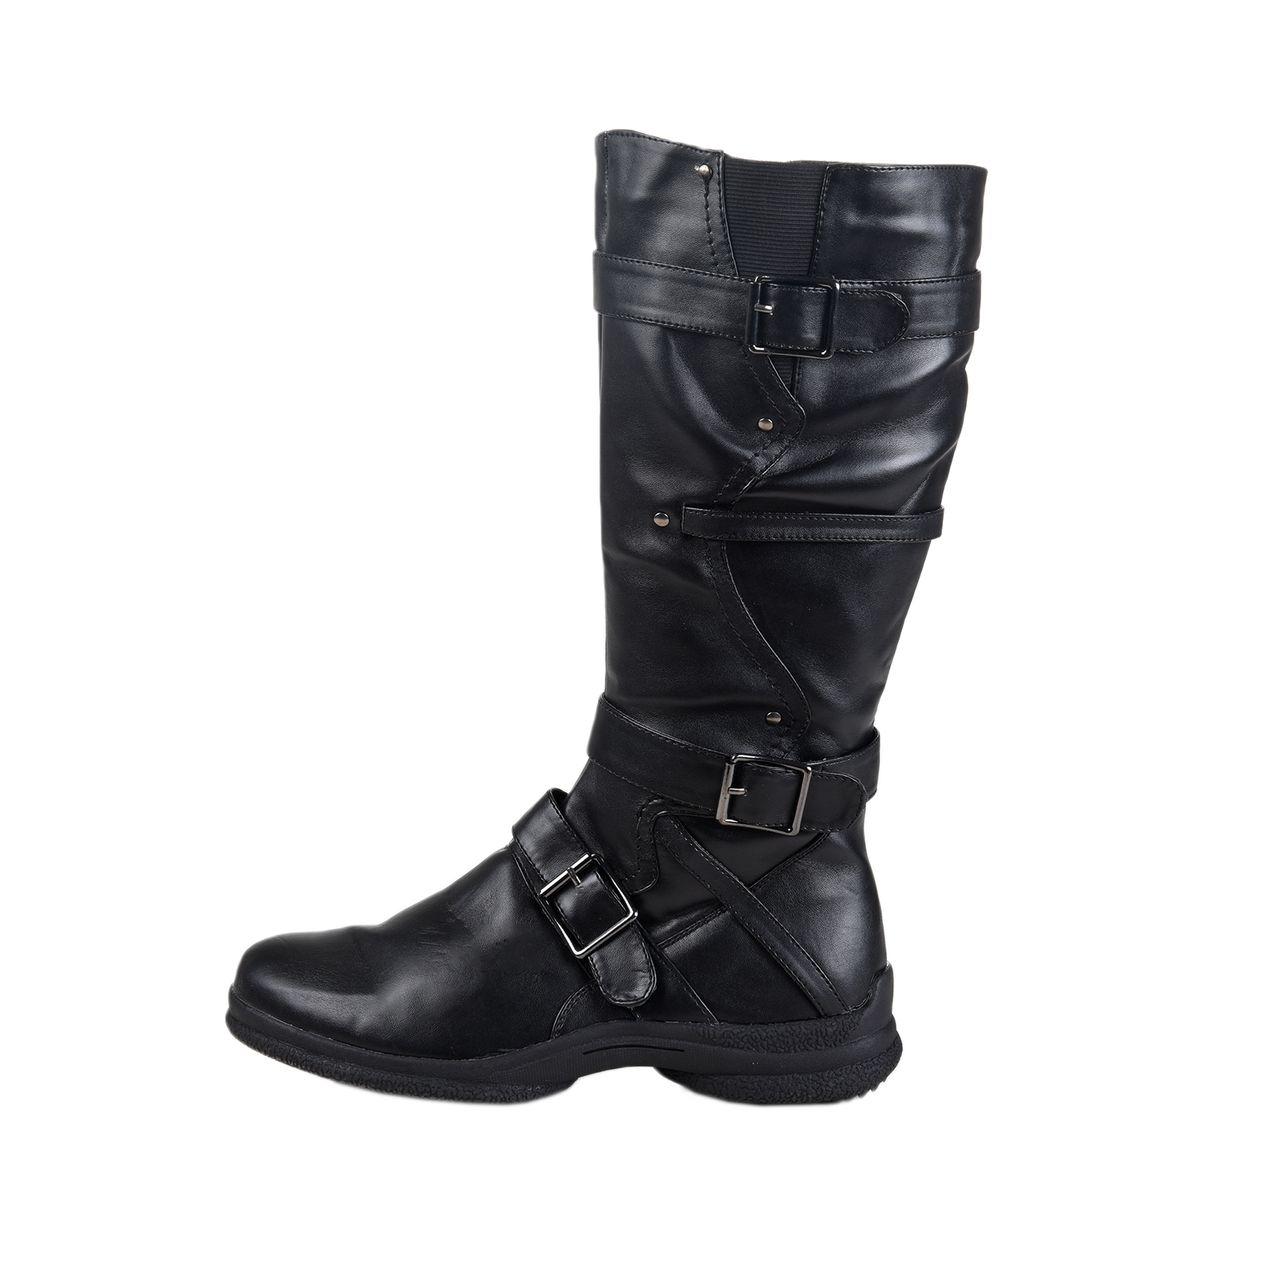 LISANNE COMFORT+ Damen Stiefel schwarz mit 3 Schnallen